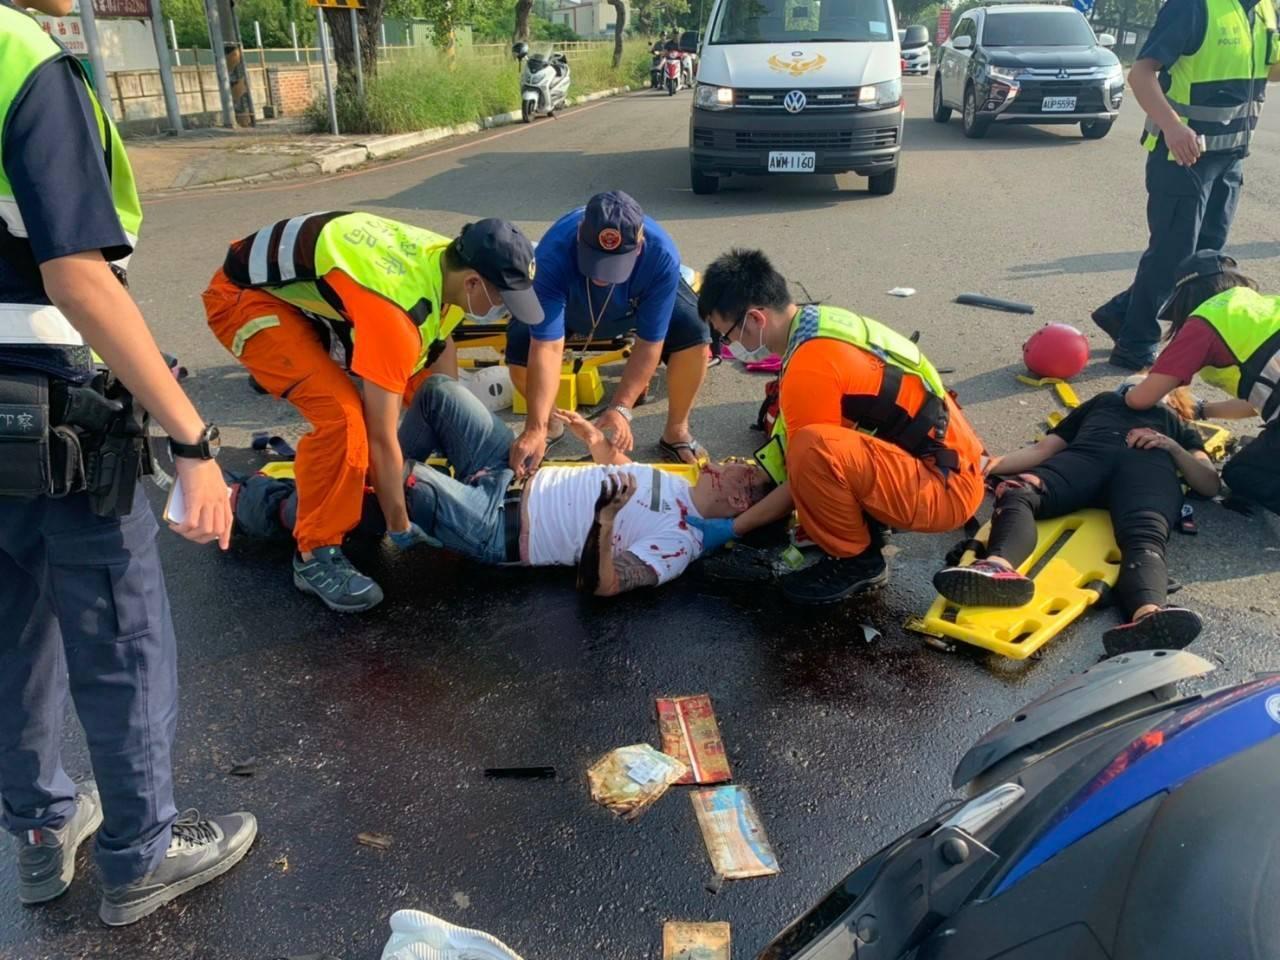 苗栗市經國路、新東街口今天上午發生2輛機車相撞車禍,2人受傷送醫,現場散落碎片。...